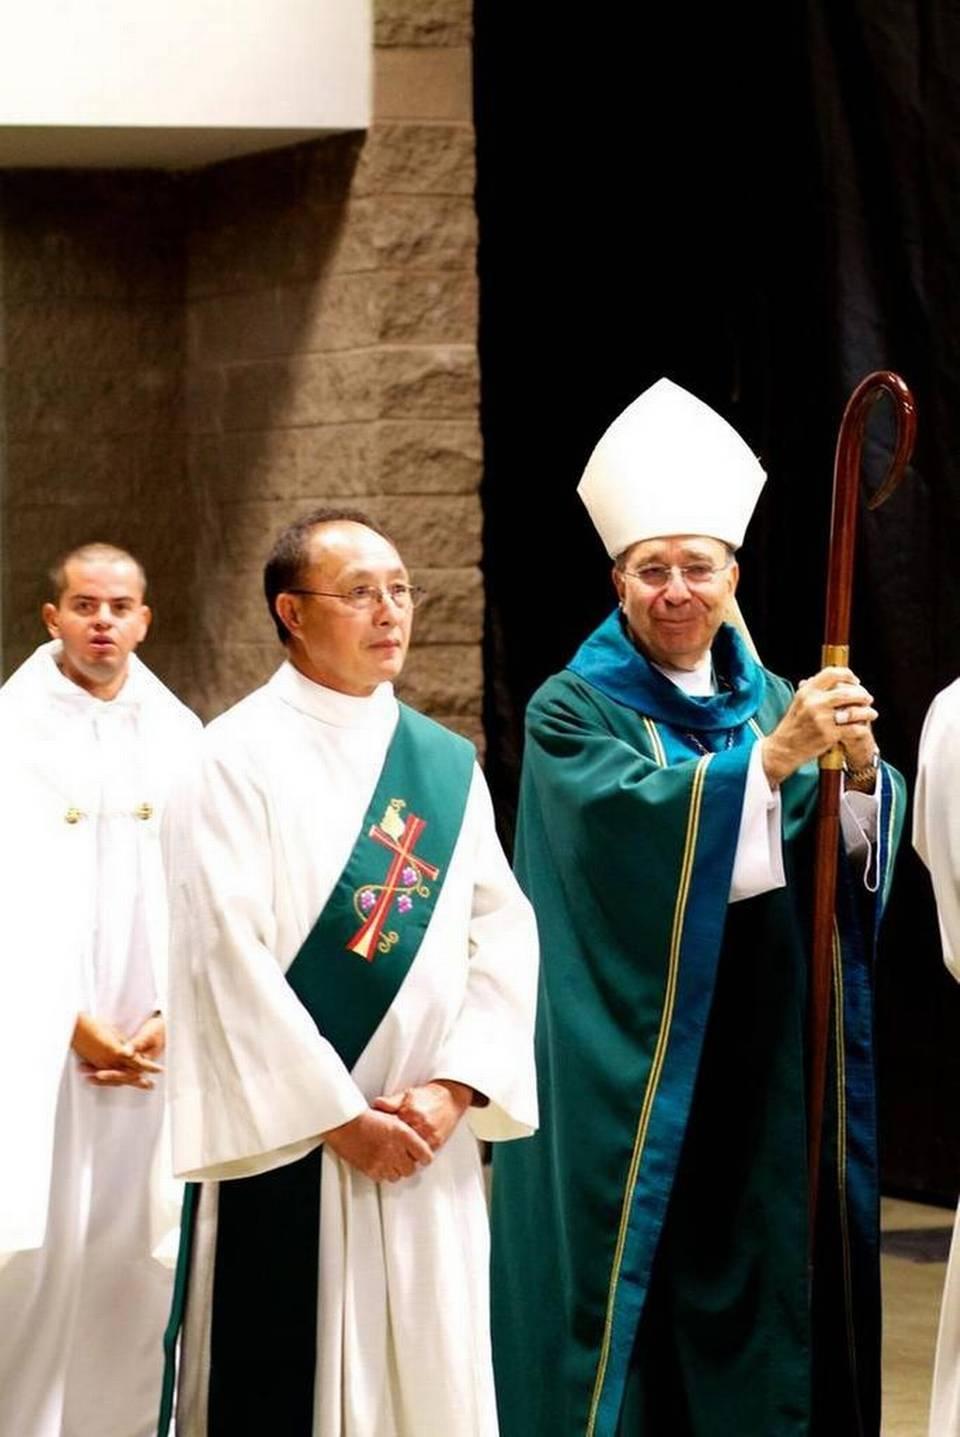 Bishop of fresno